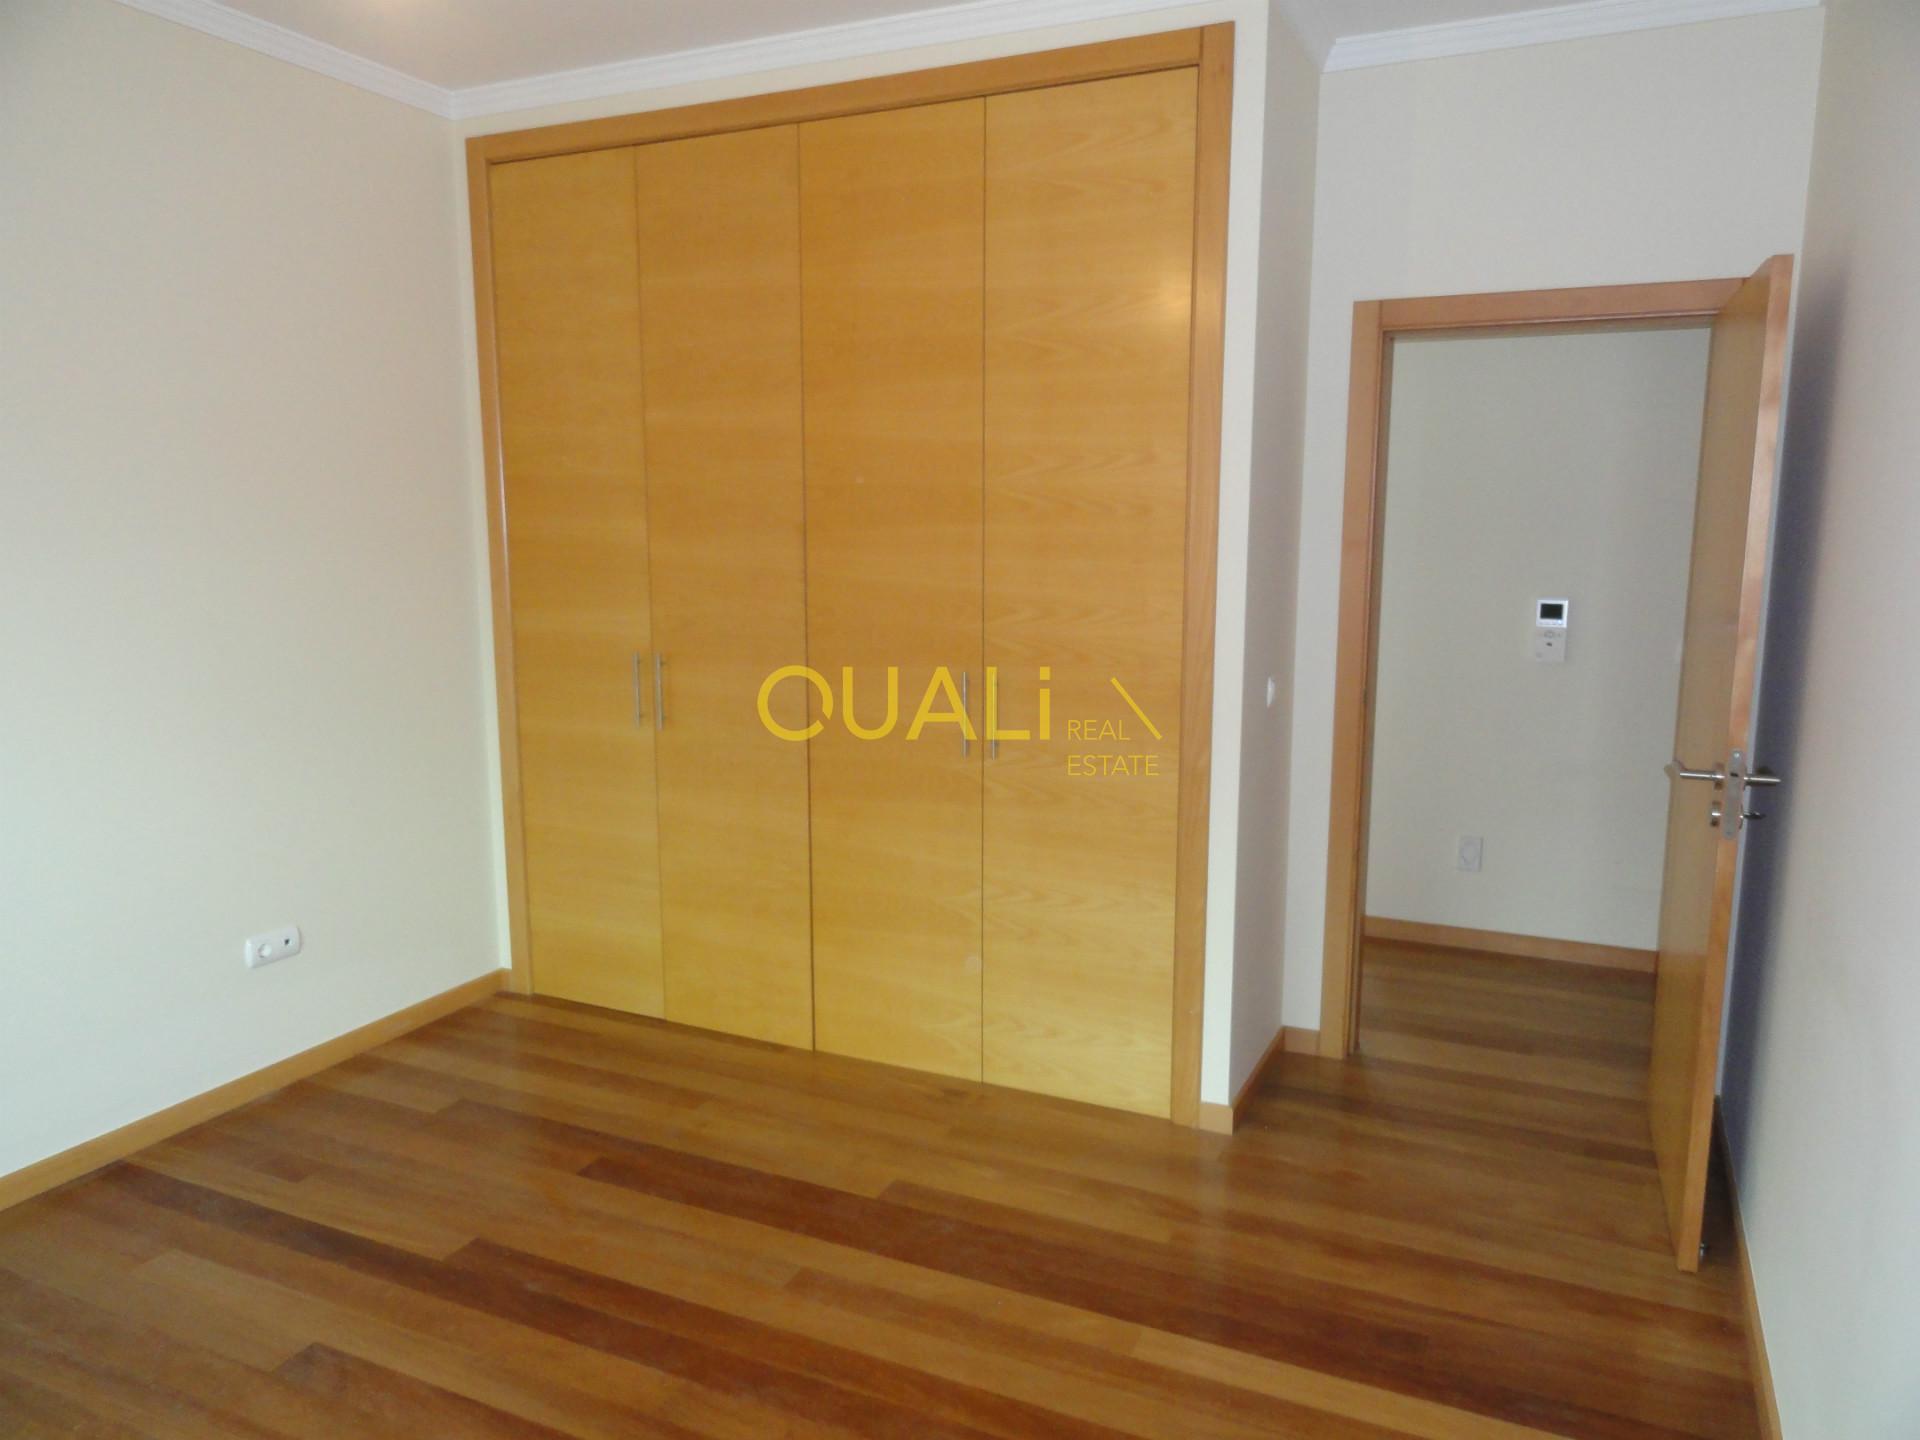 Villa con 4 camere da letto a Santo António - Isola di Madeira - € 490.000,00